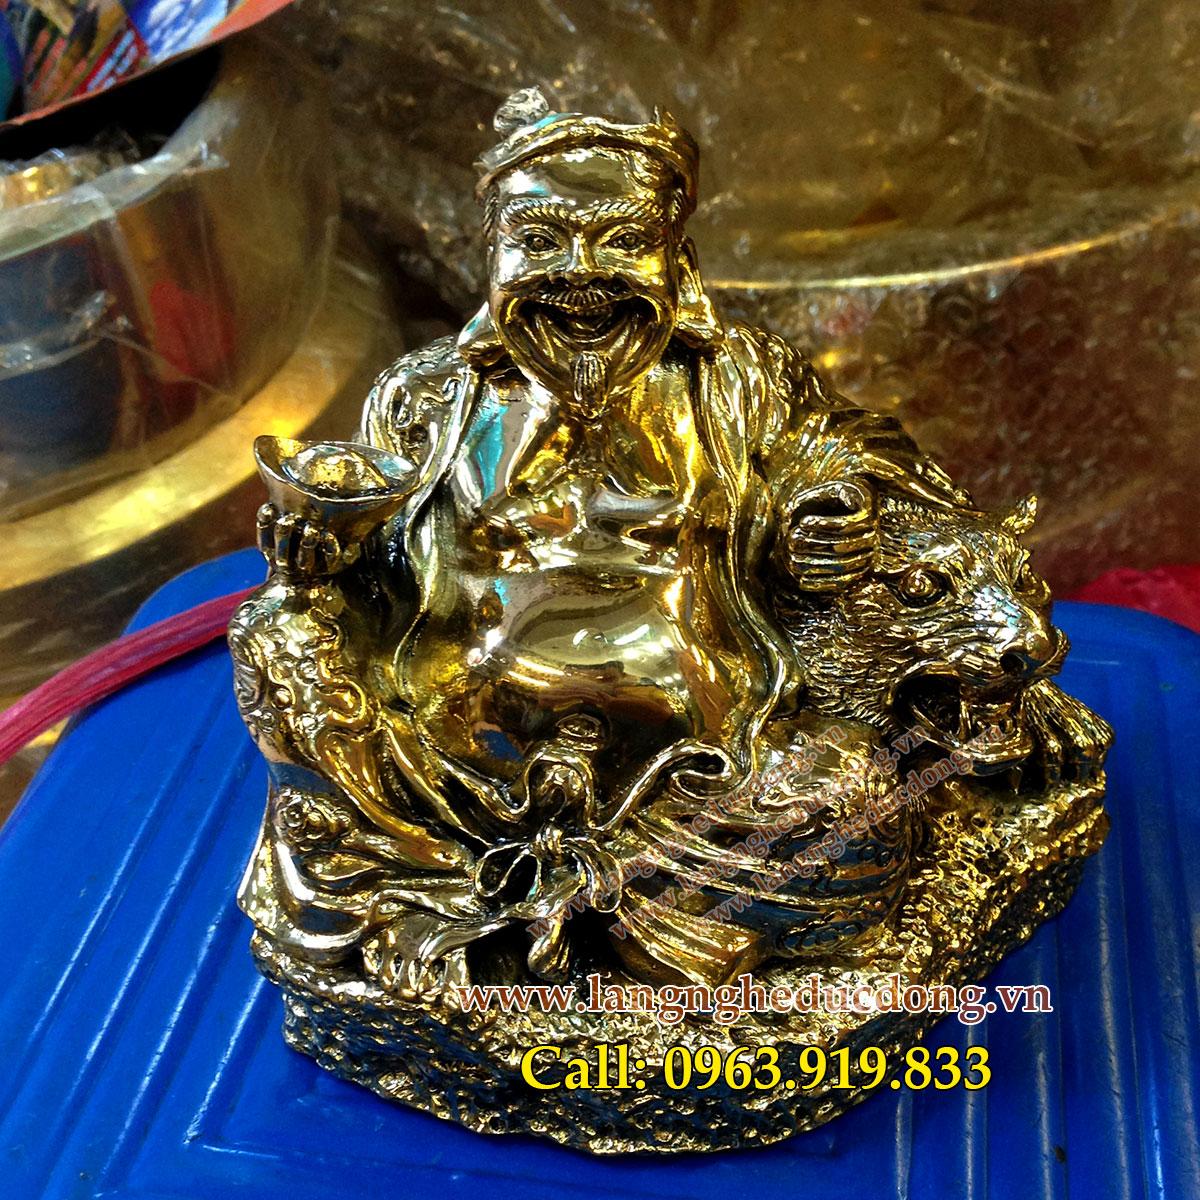 langngheducdong.vn - Tượng thần tài, ông địa, cặp tượng thần tài ông địa